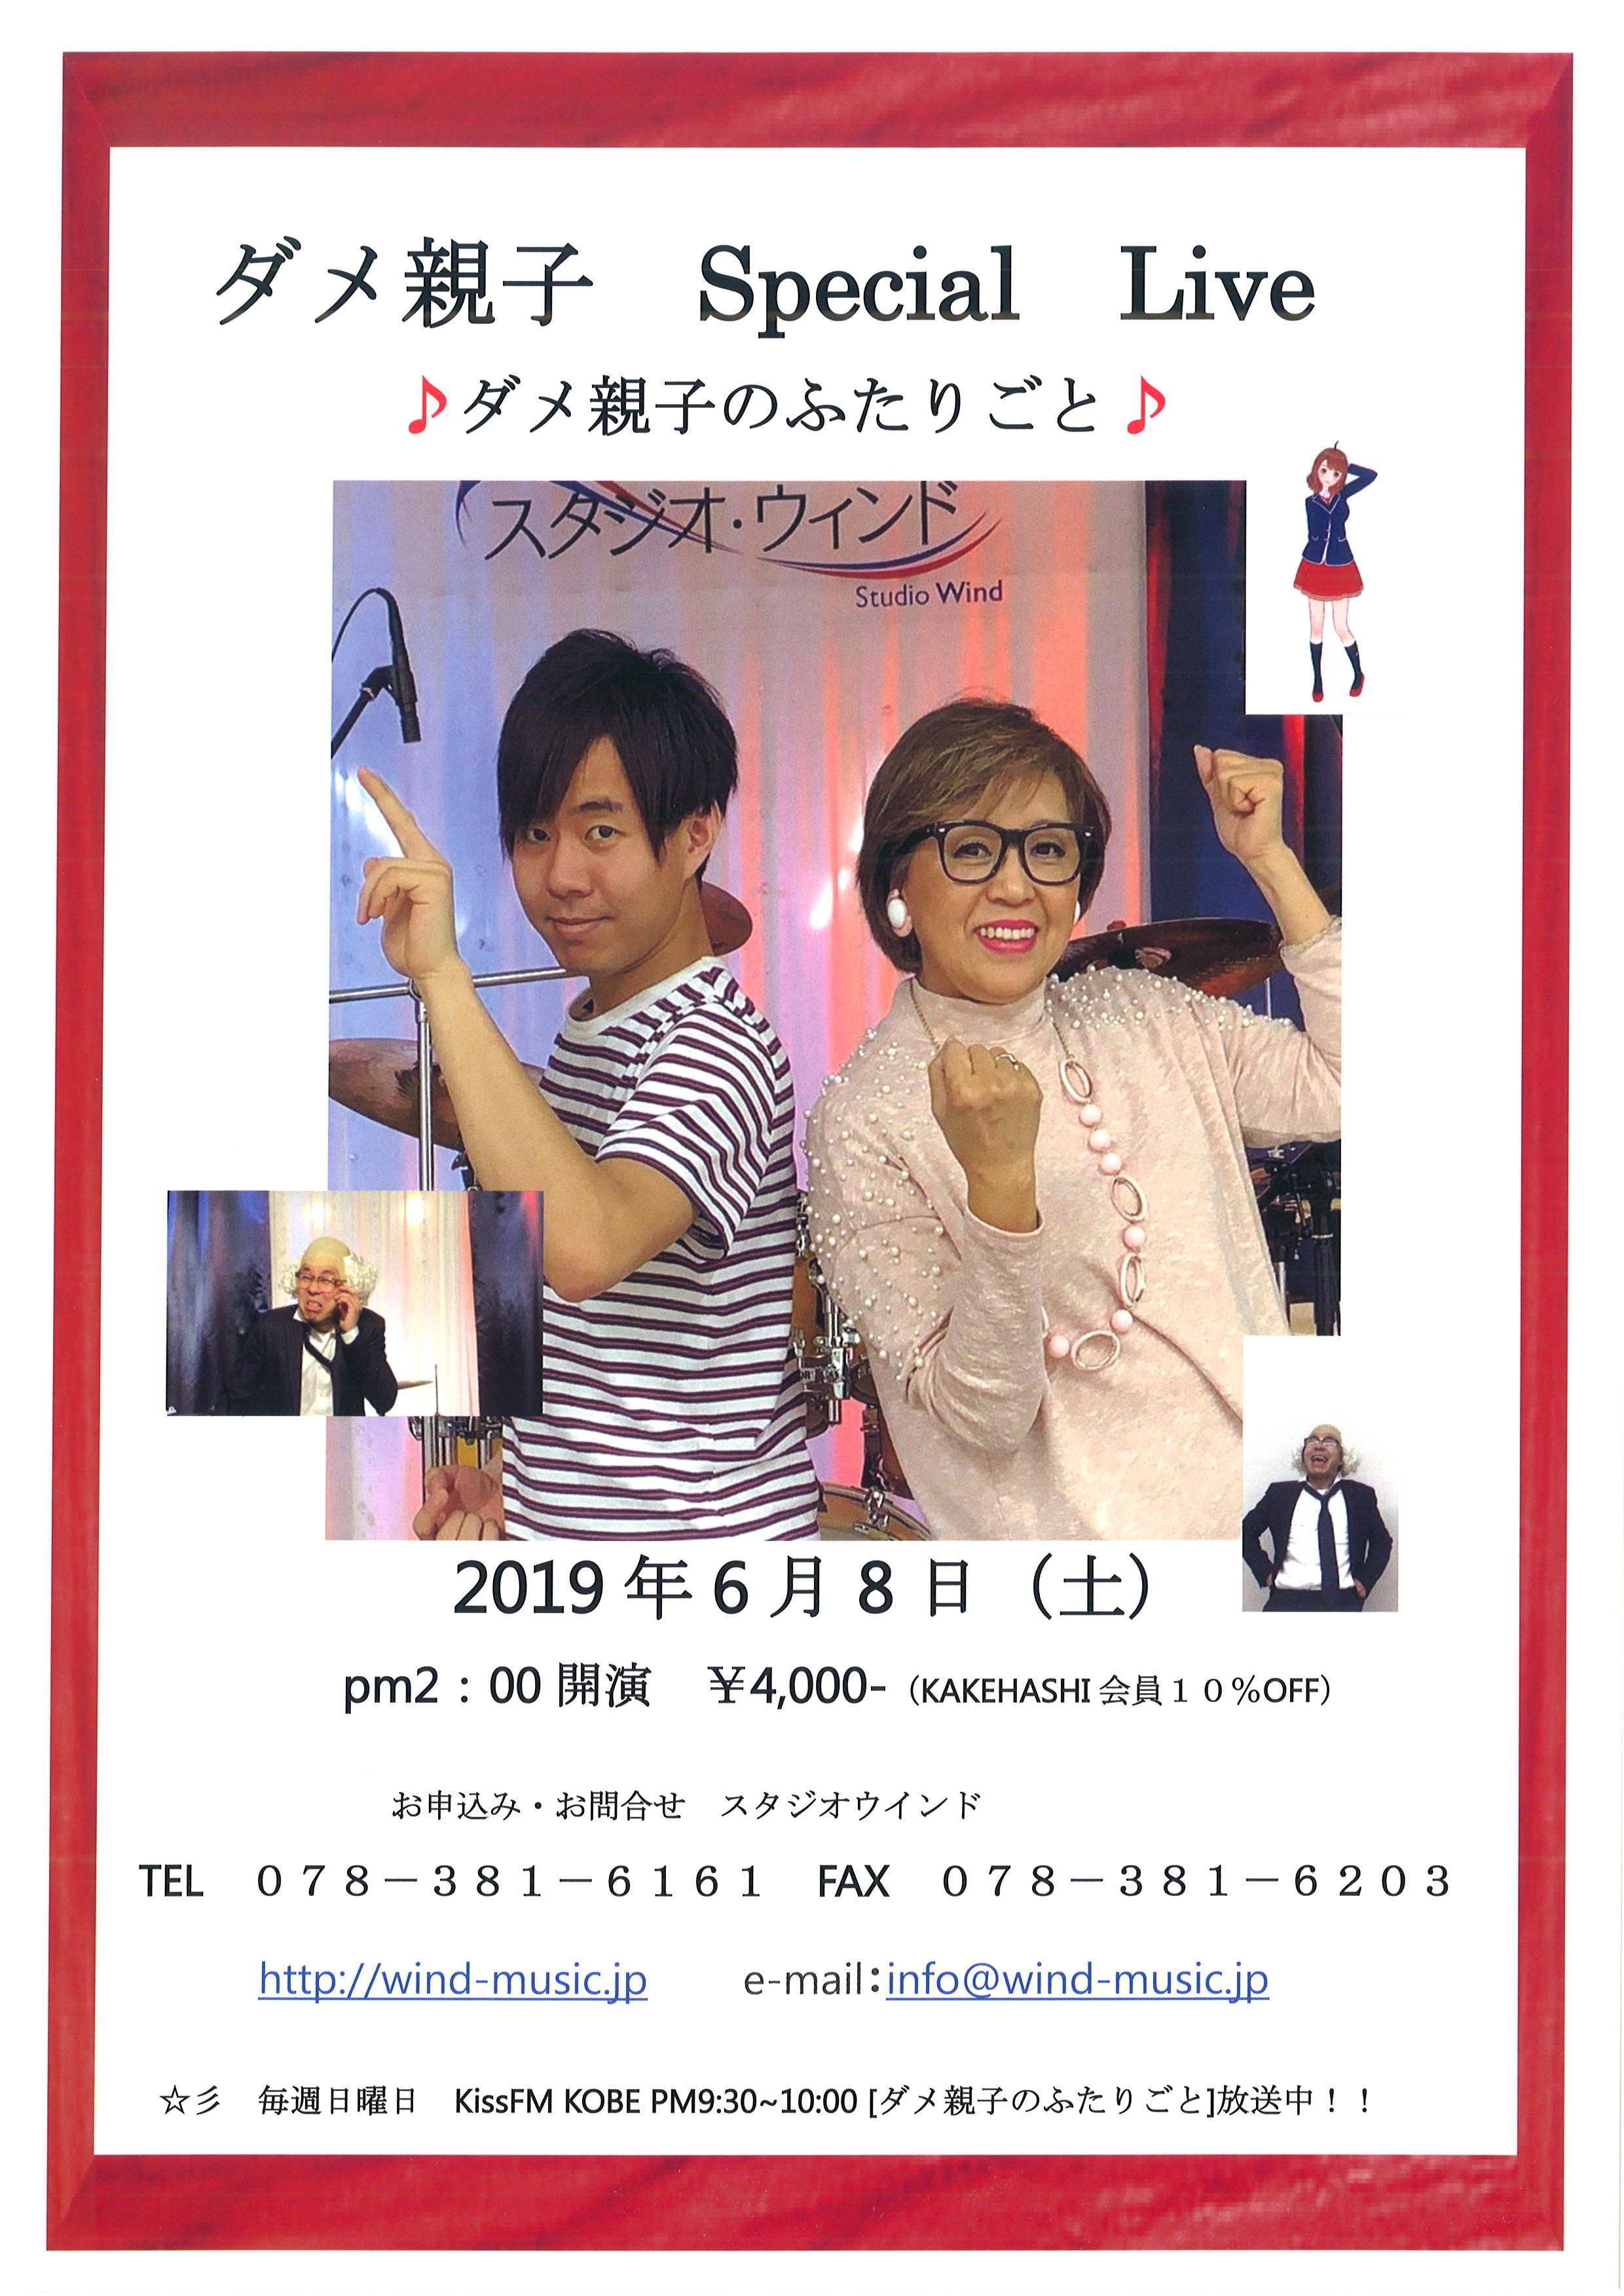 ダメ親子Special Live.jpg